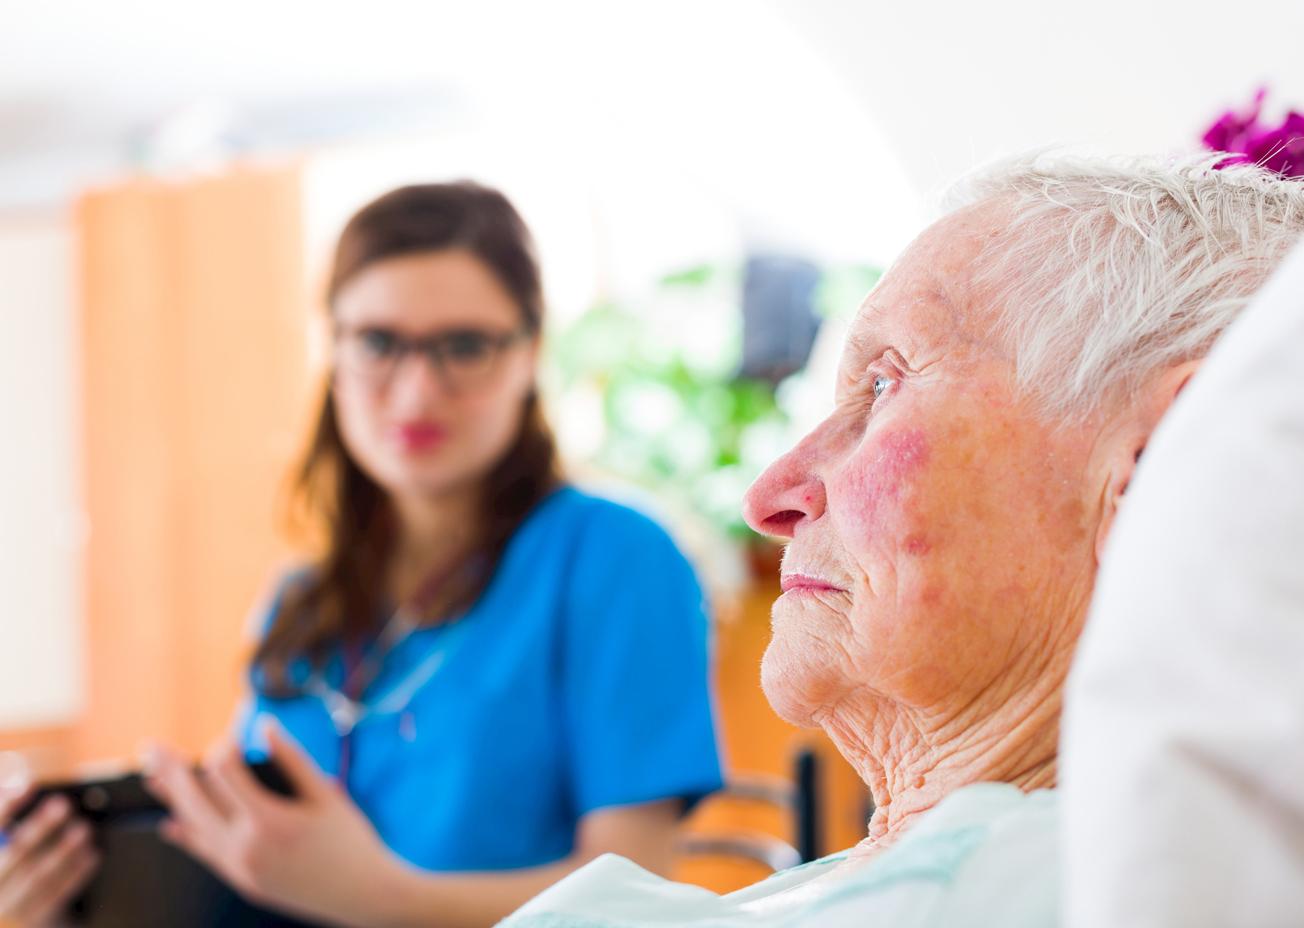 Los cuidados de la piel sometida a tratamiento oncológico